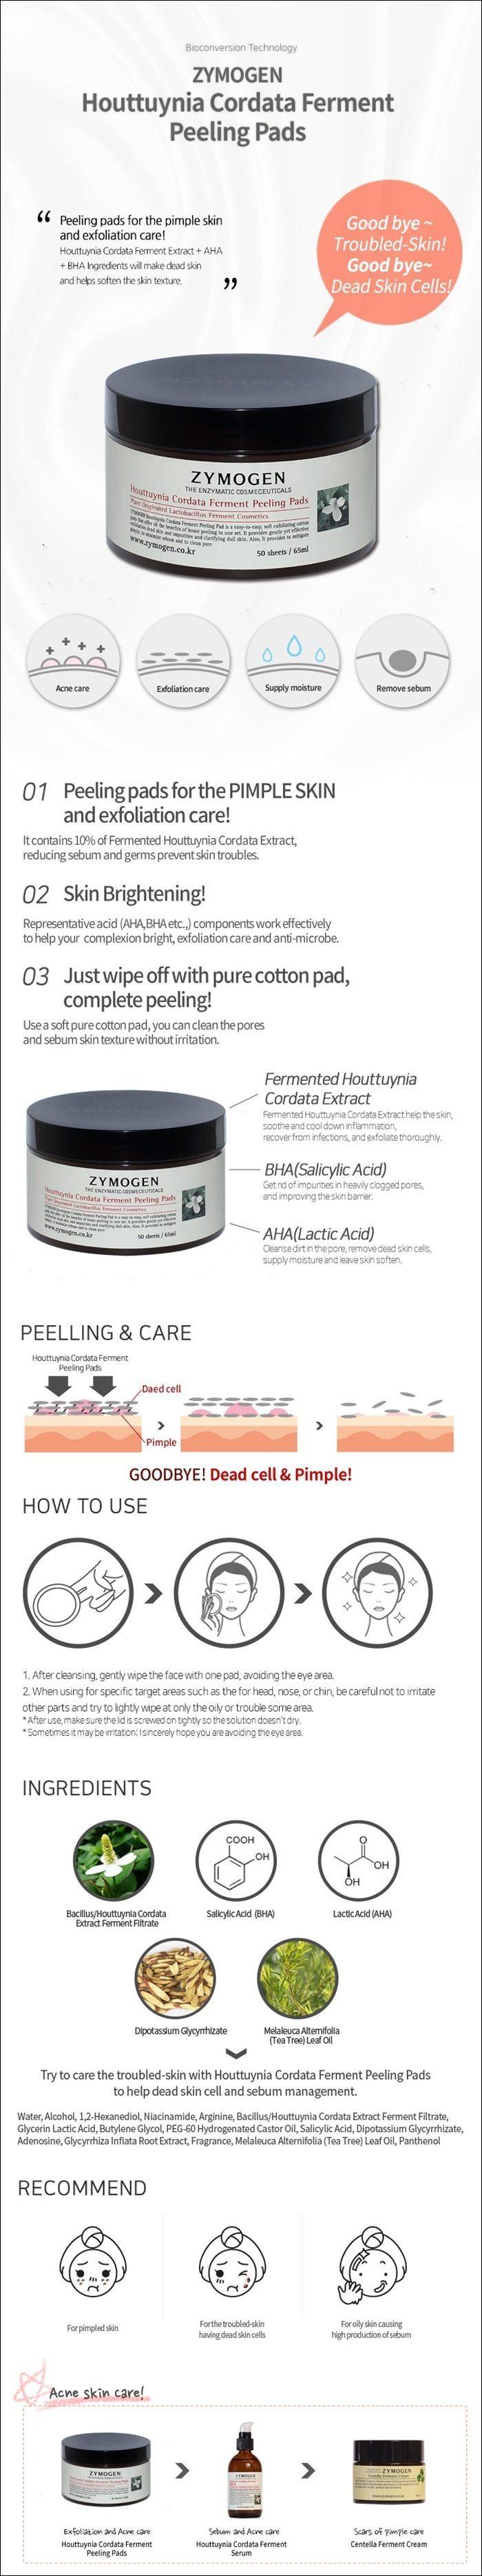 Zymogen Houttuynia Cordata Ferment Extract Peeling Pads 50 Sheets korean cosmetic skincar product online shop malaysia brazil macau1